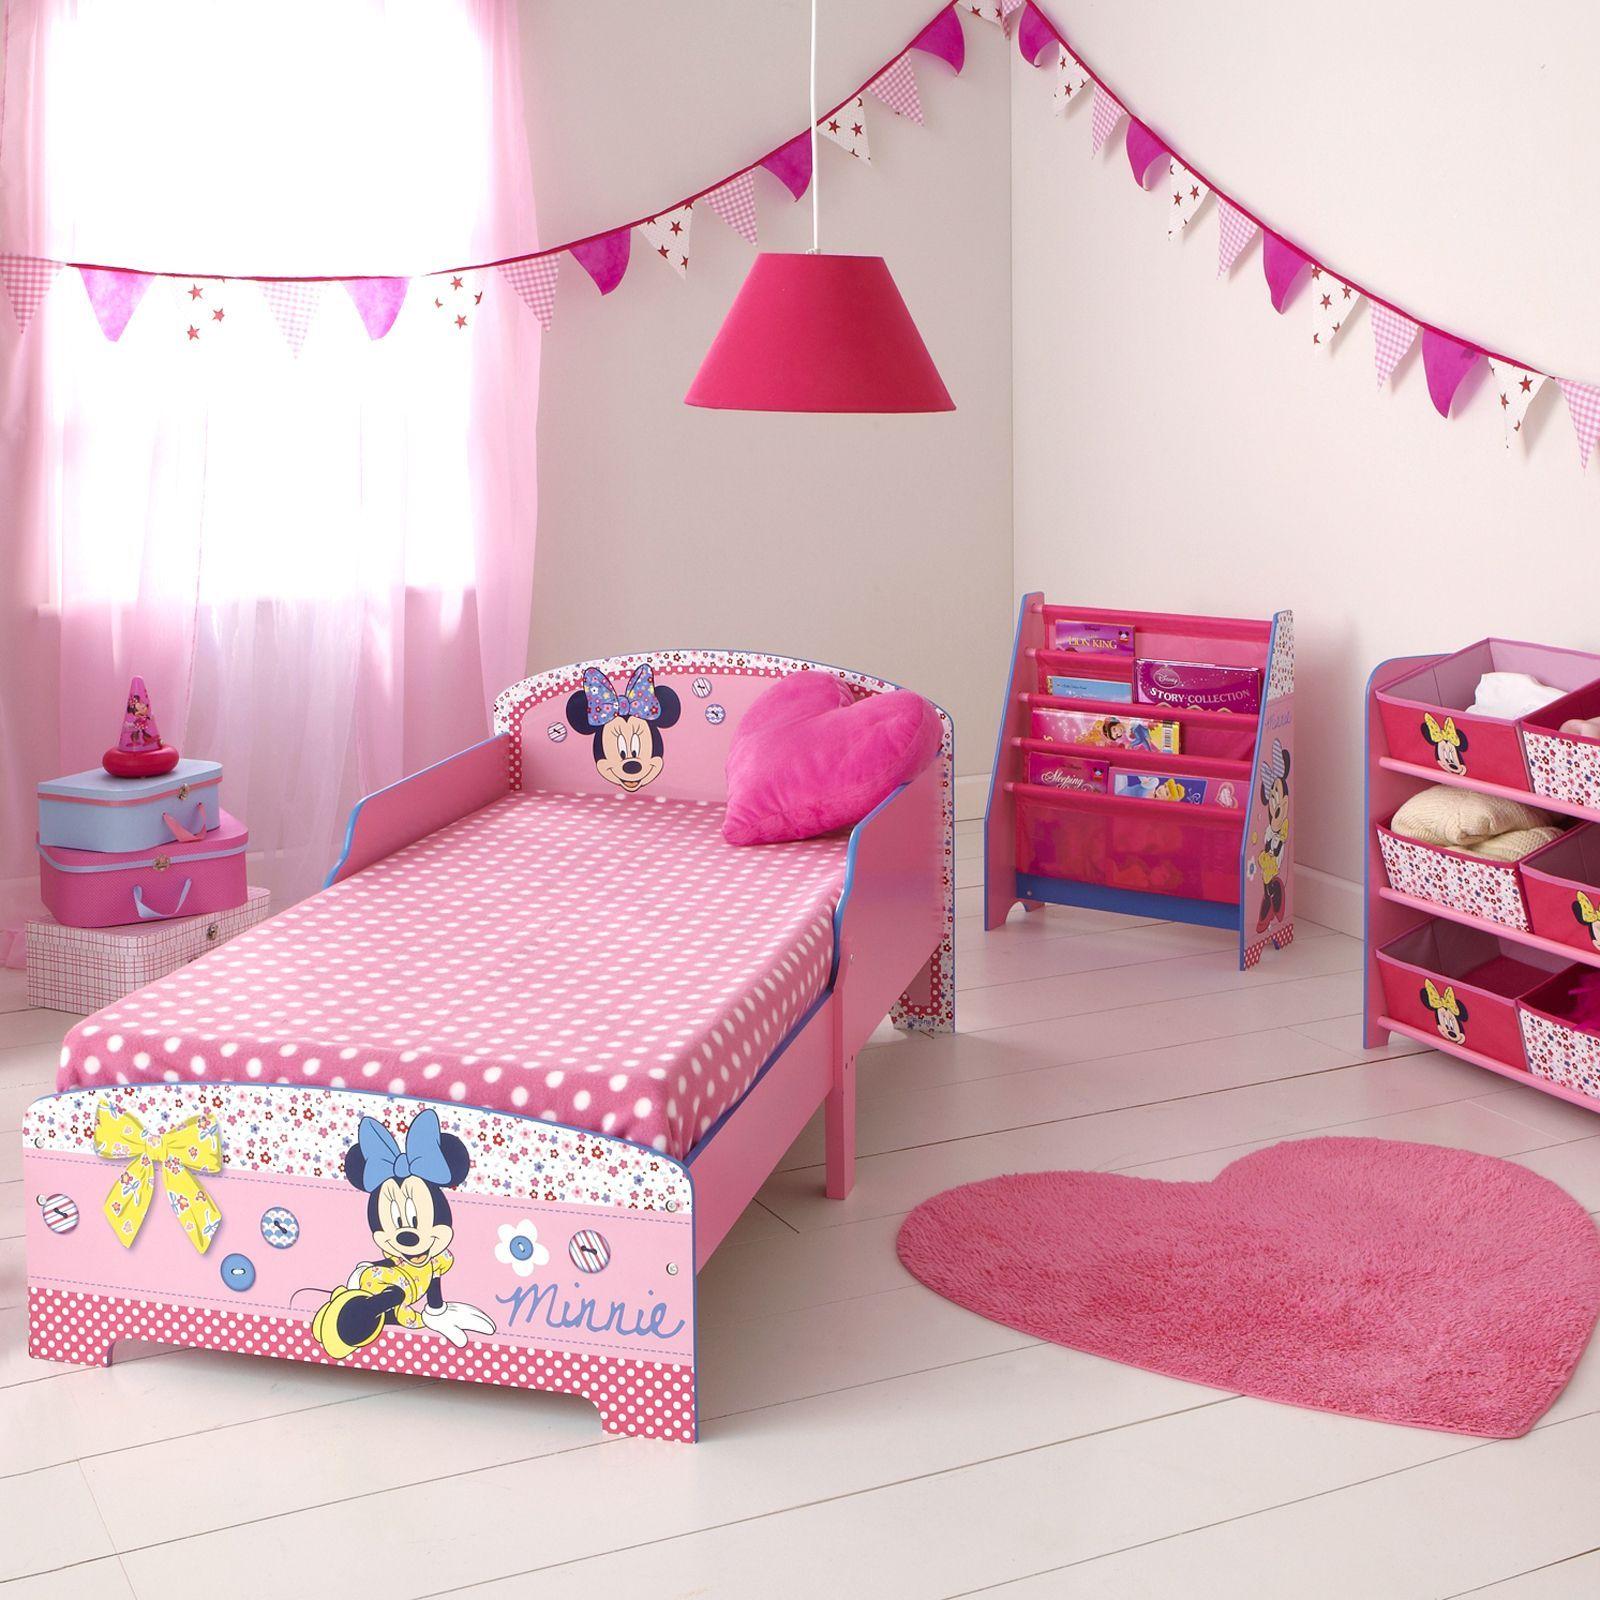 Kinder Hochbett Mit Aufbewahrung Mickey Mouse Kinder Schlafzimmer